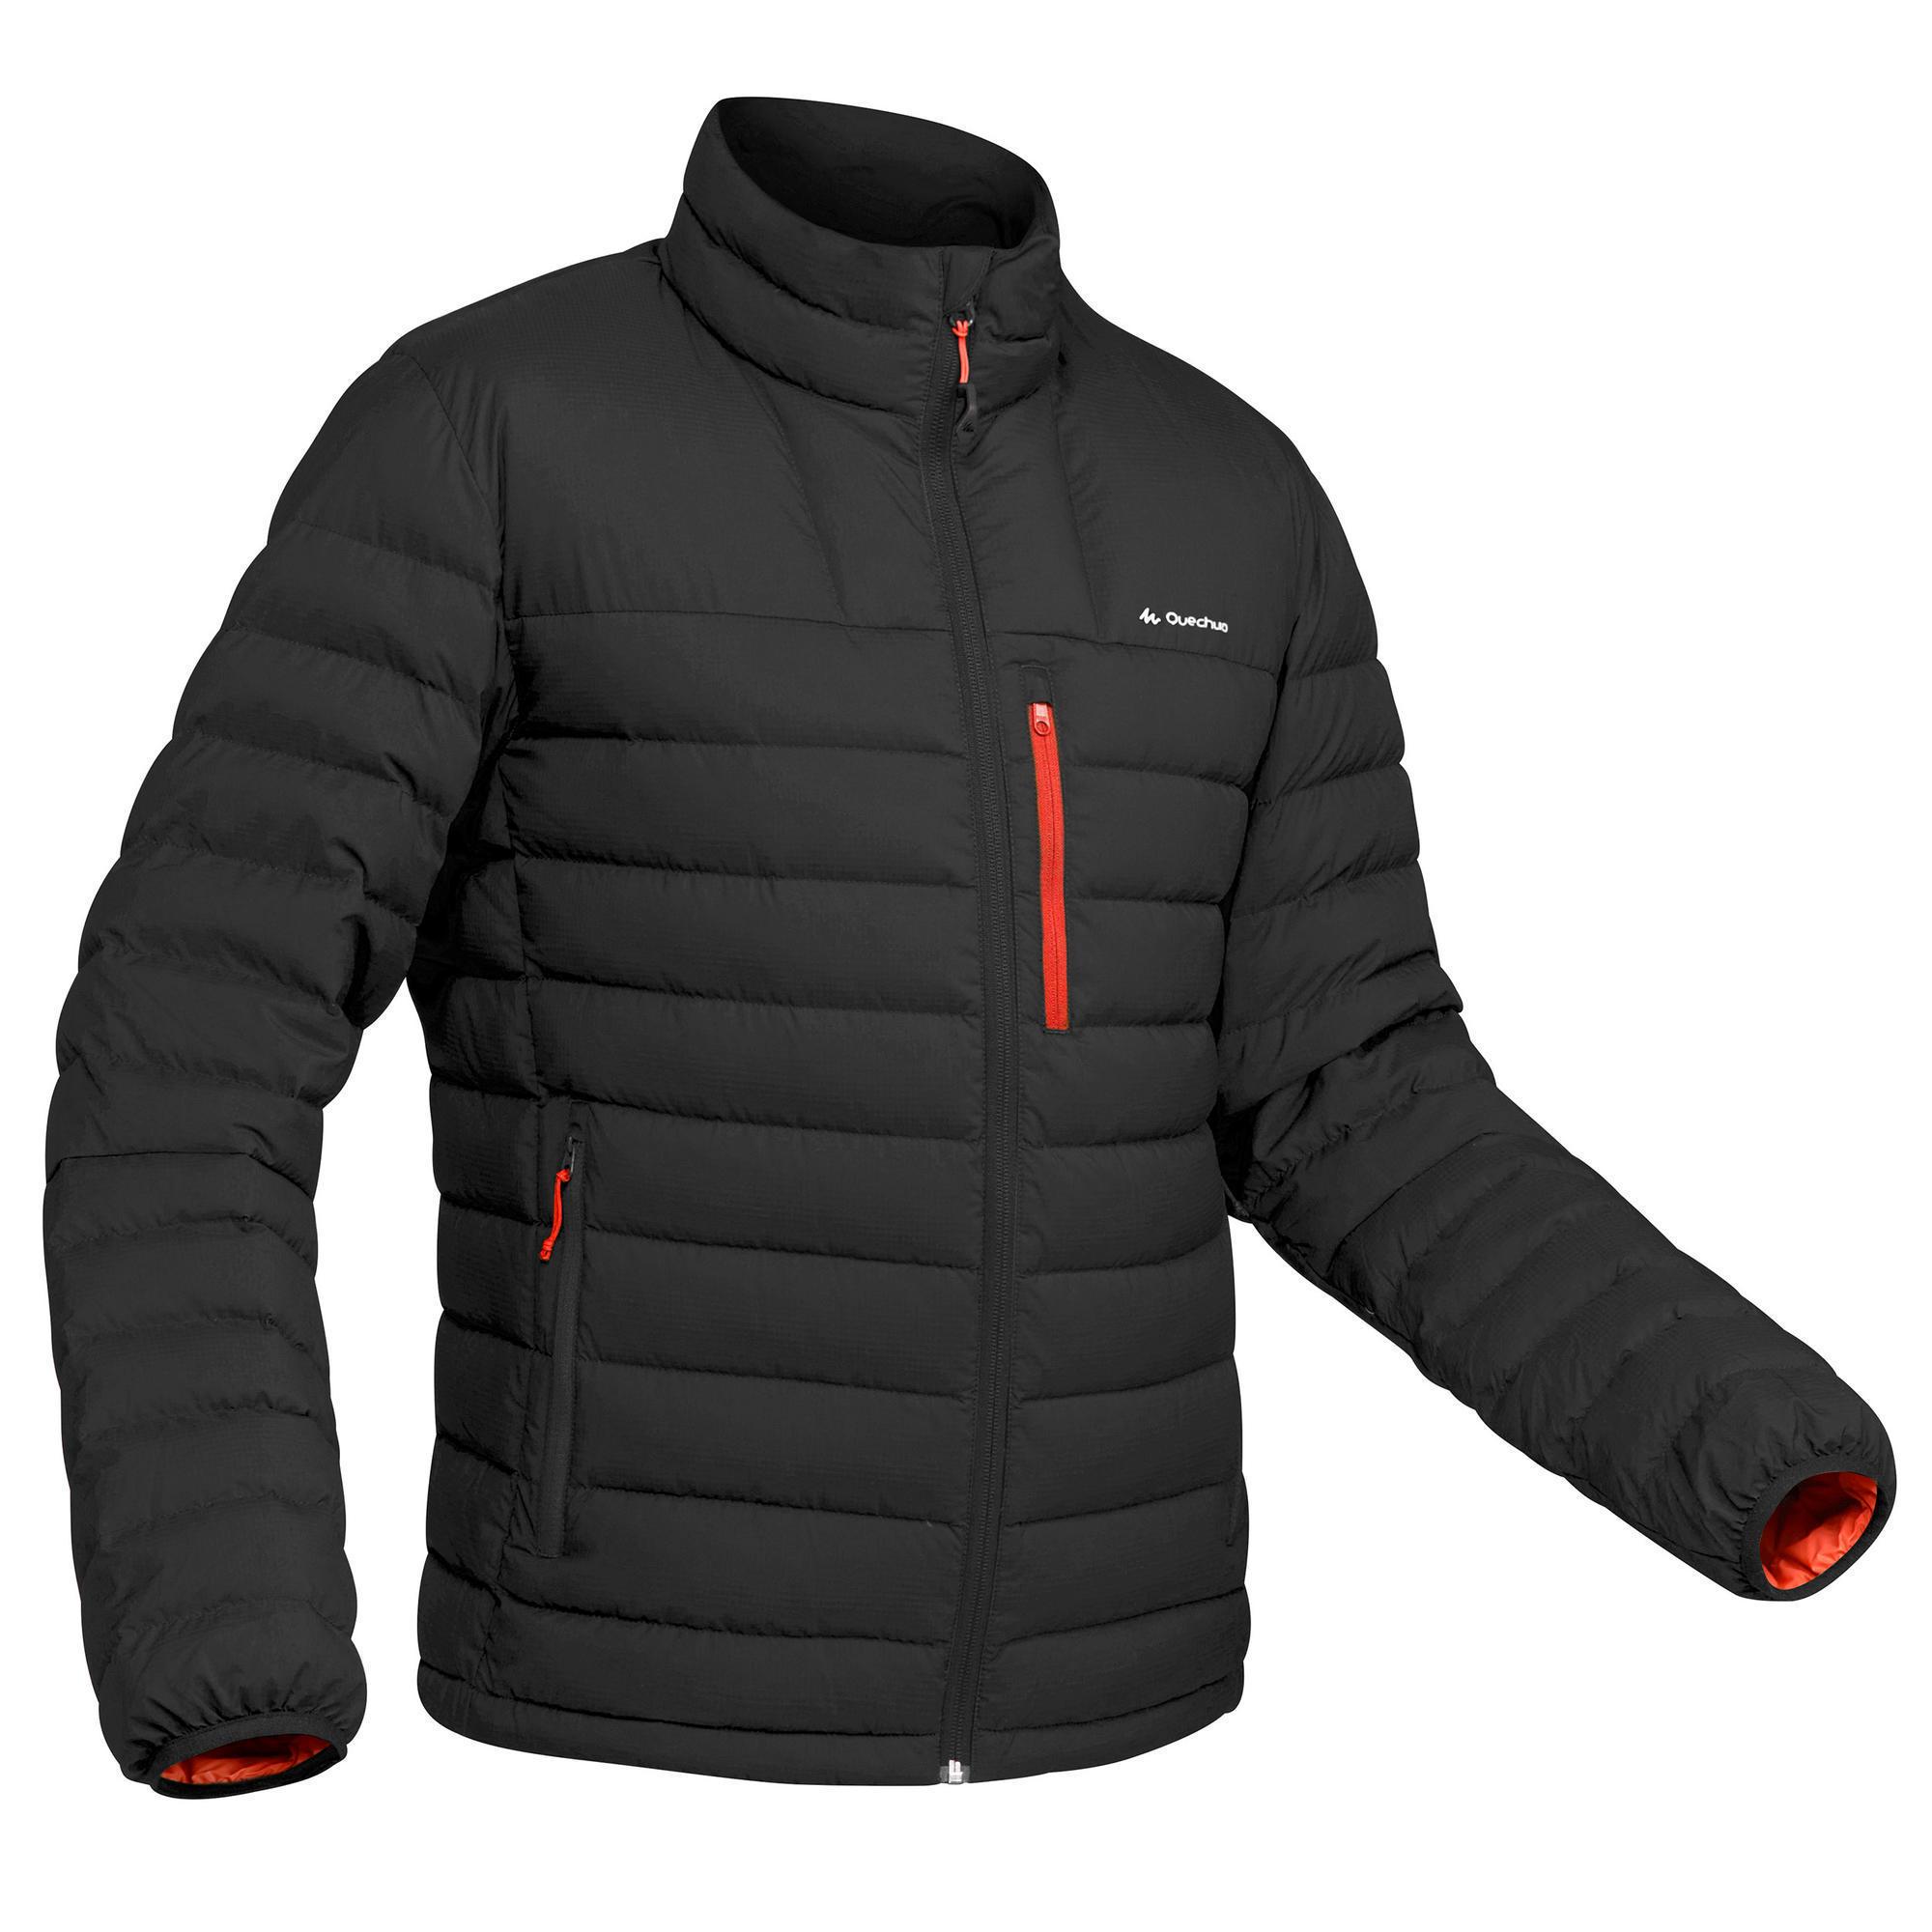 estilo clásico muy baratas excepcional gama de colores Comprar Abrigos y Chaquetas para el Frío Online | Decathlon